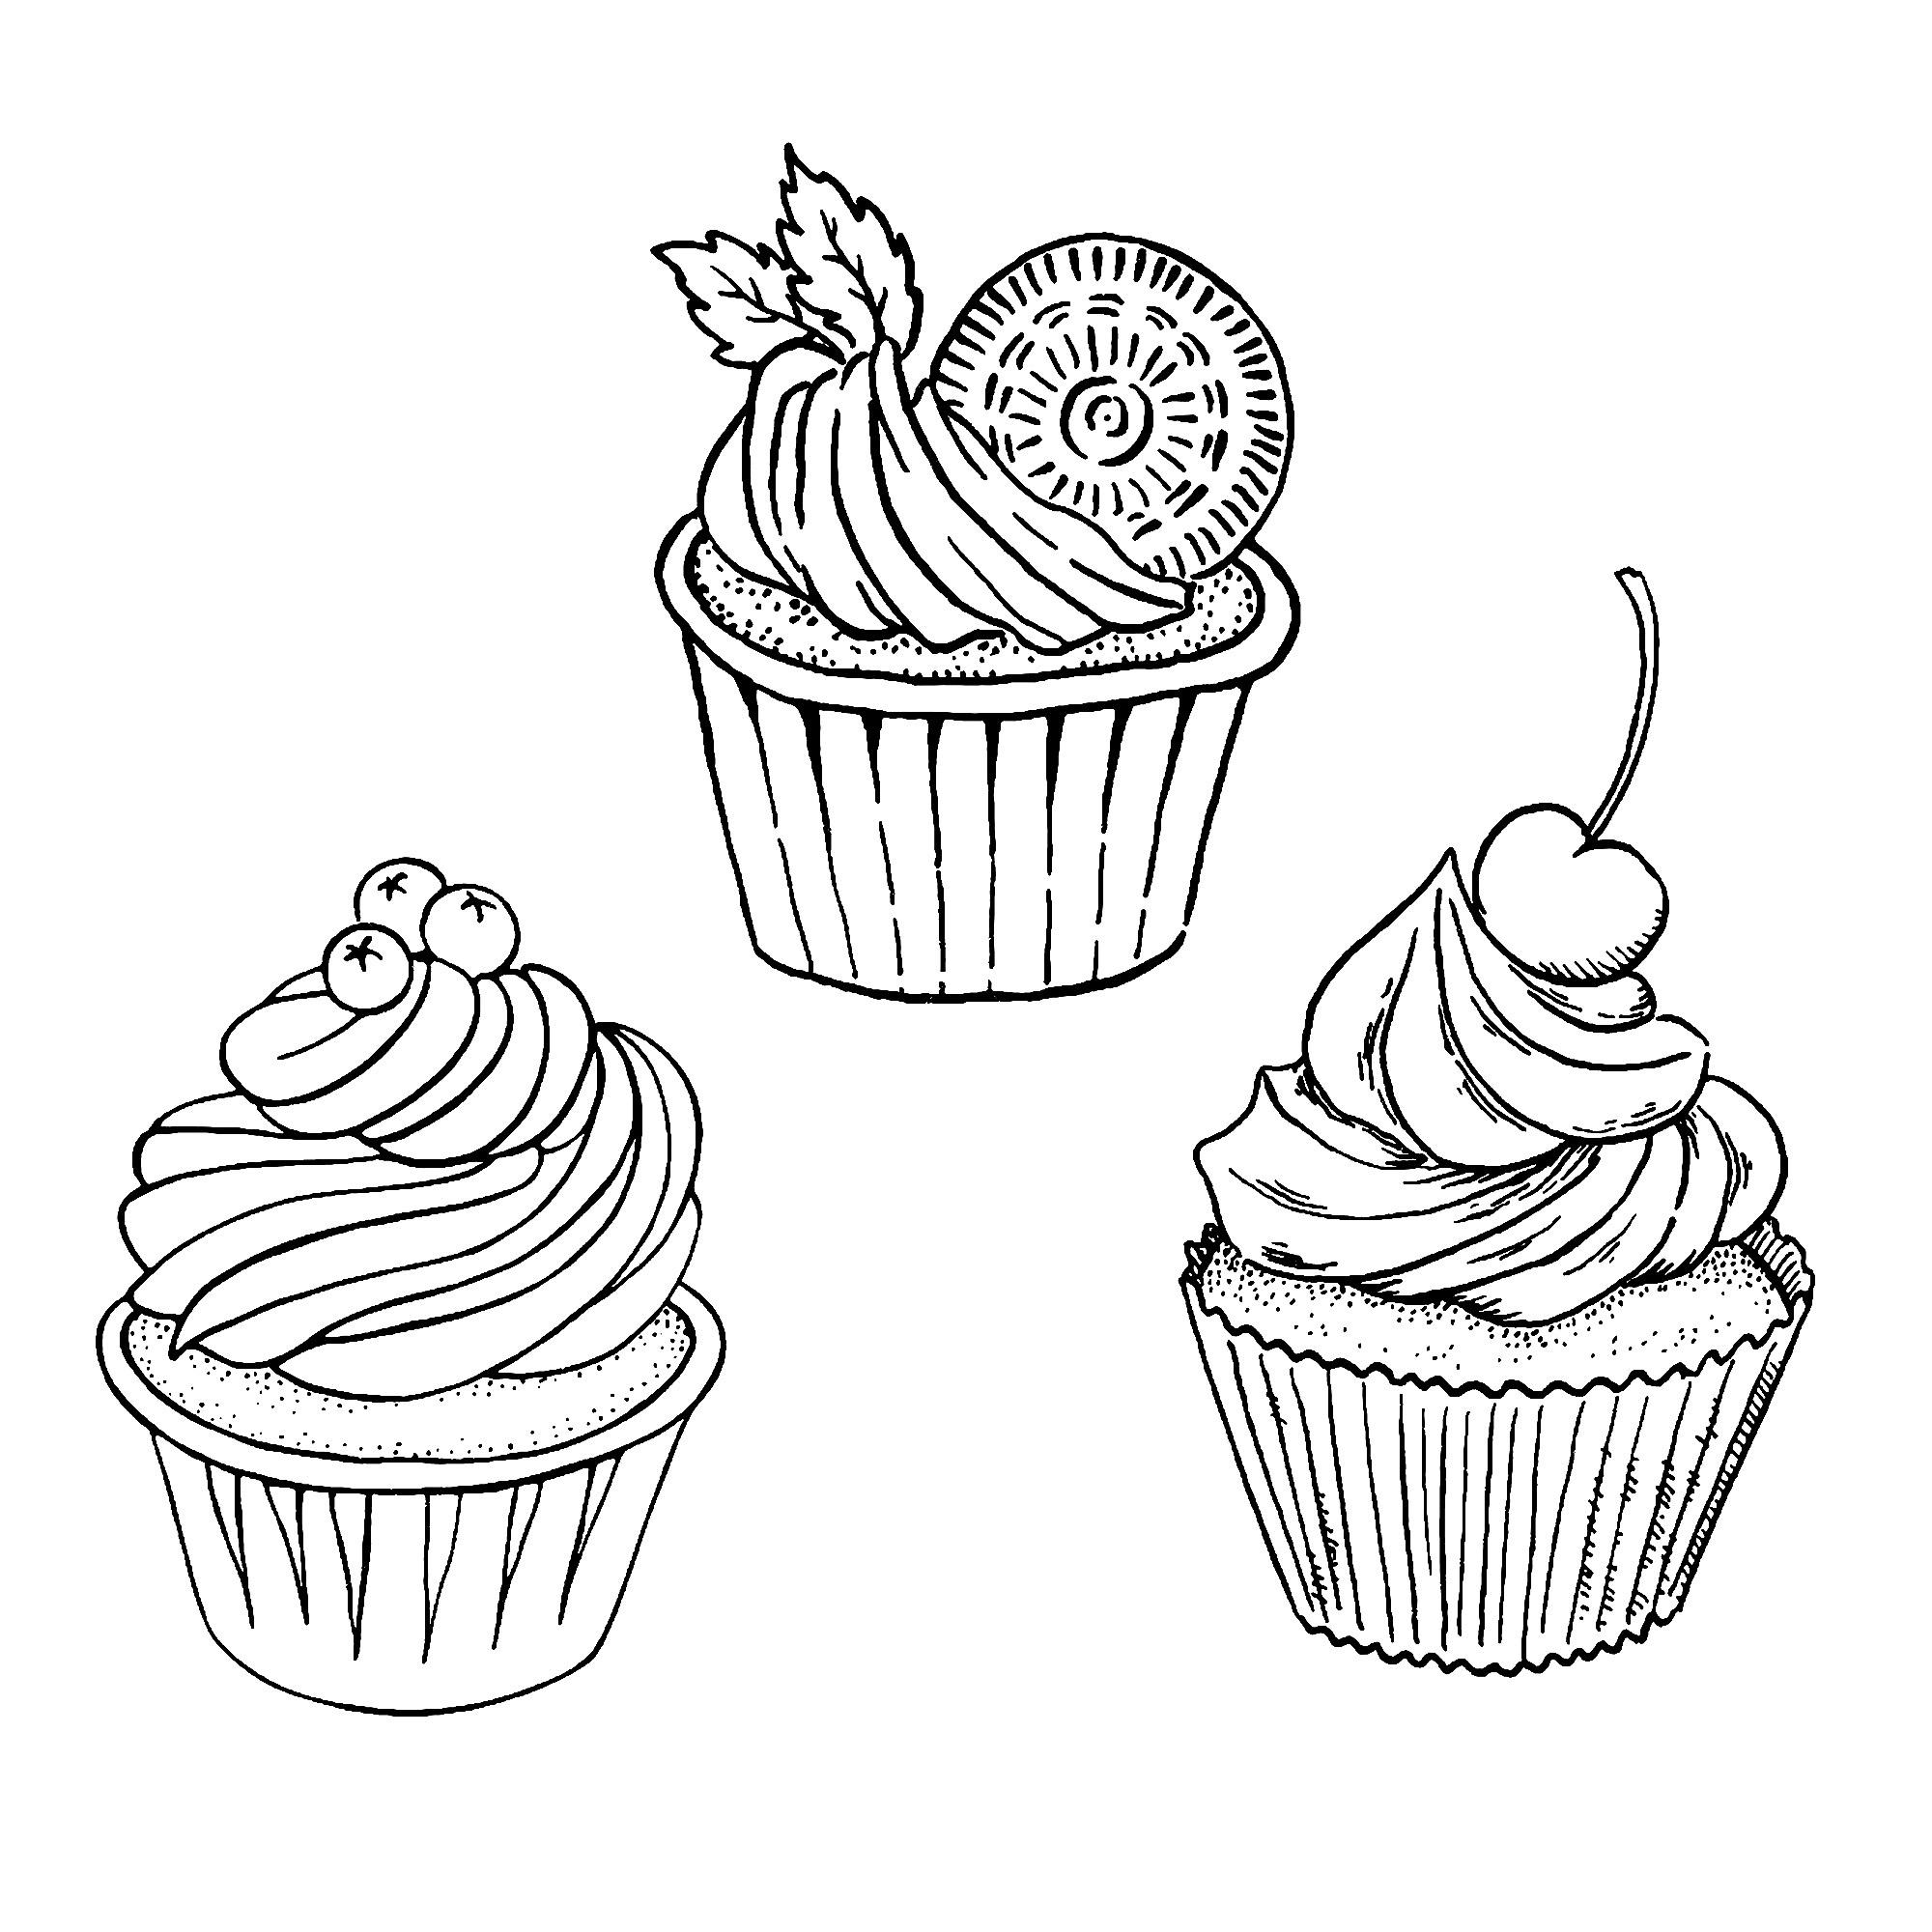 Trois bons simples cupcakes - Coloriage Cupcakes et ...